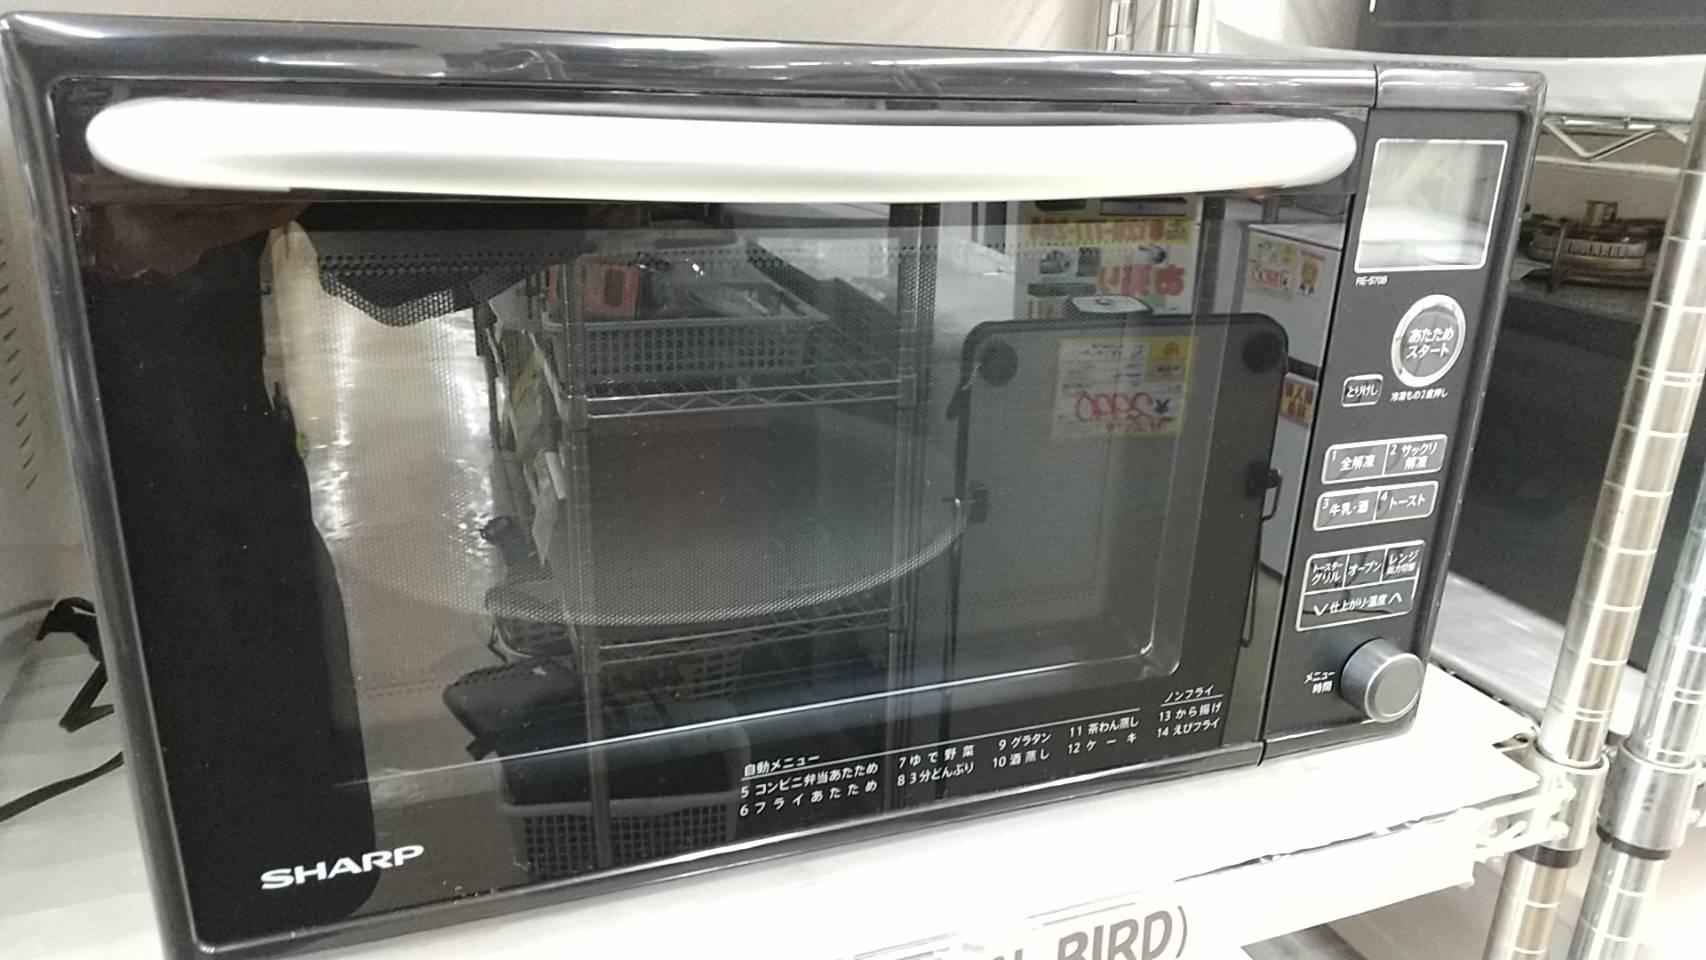 【SHARP シャープ スチームオーブン 20L 2019年製 RE-S70B-B】を買取致しました!!の買取-